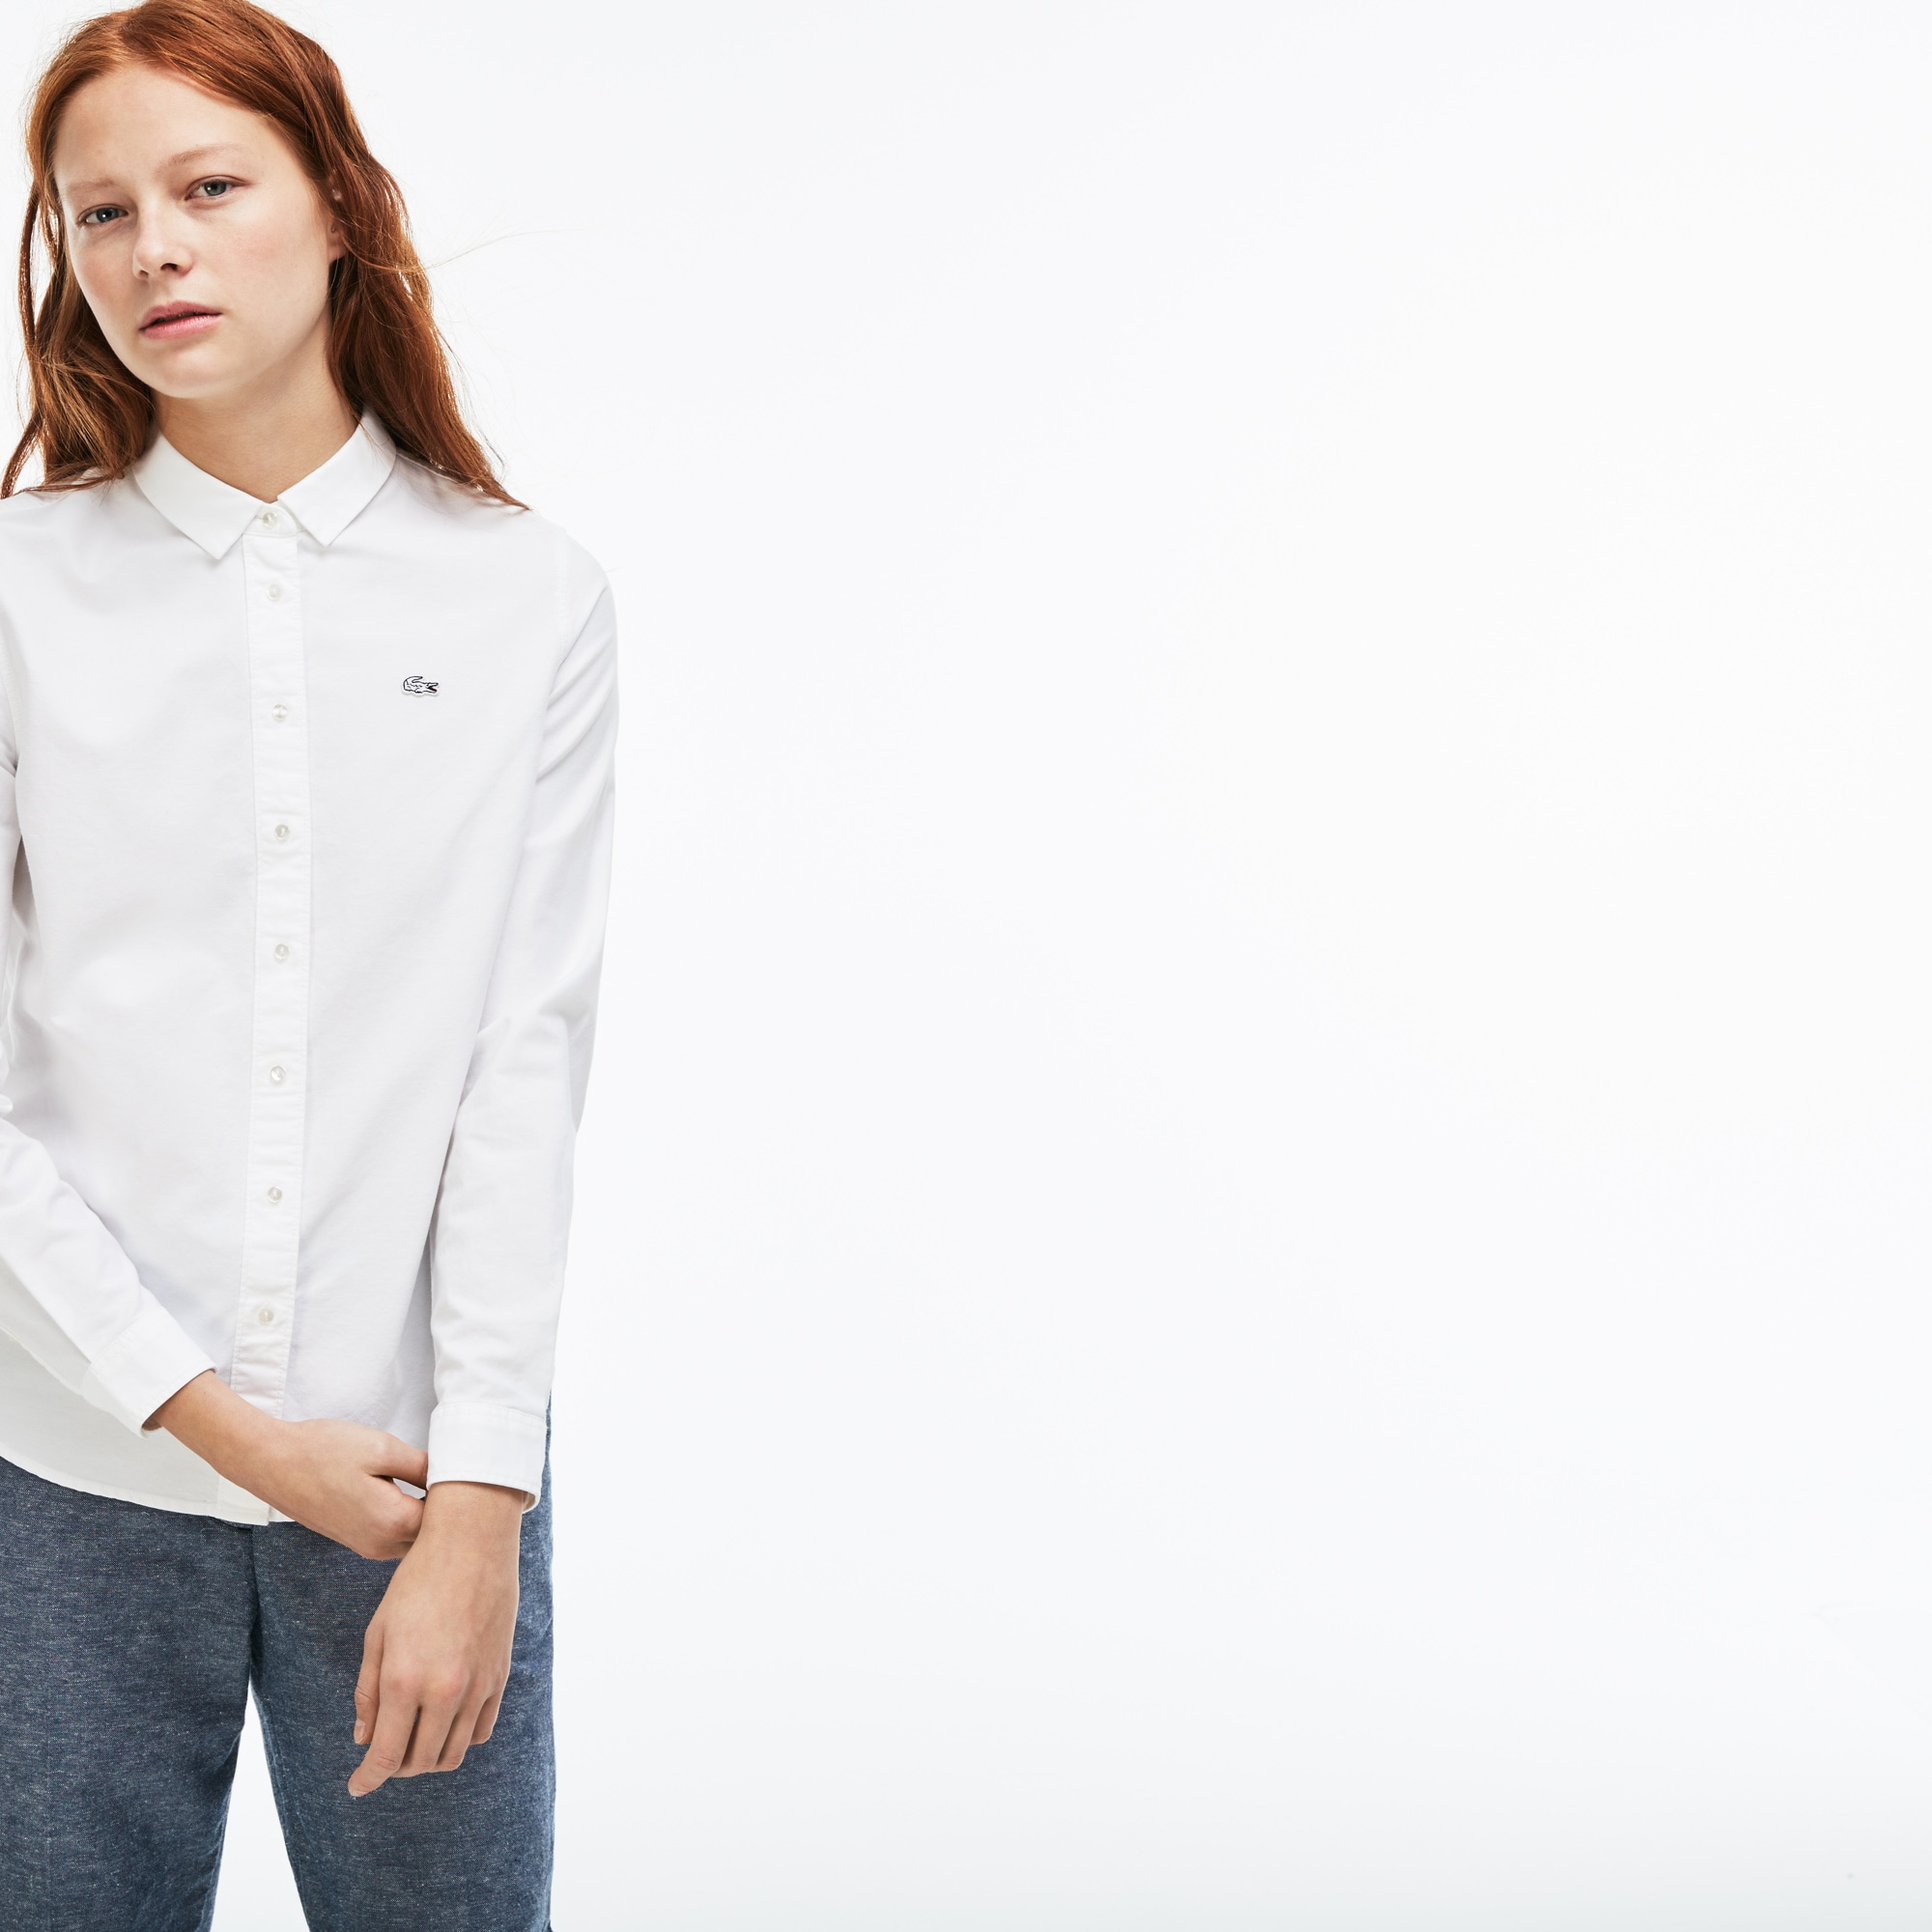 Vêtements Femme | Mode femme | LACOSTE